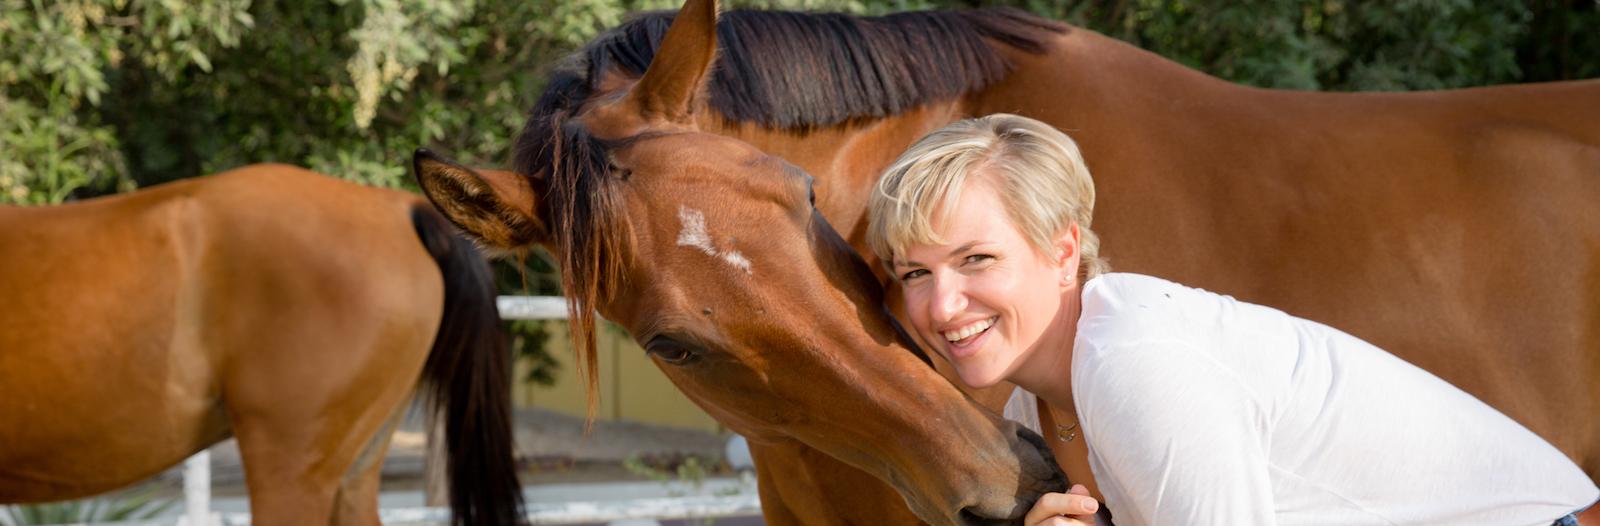 horse meet and greet, leadership, seminar, dubai, corporate